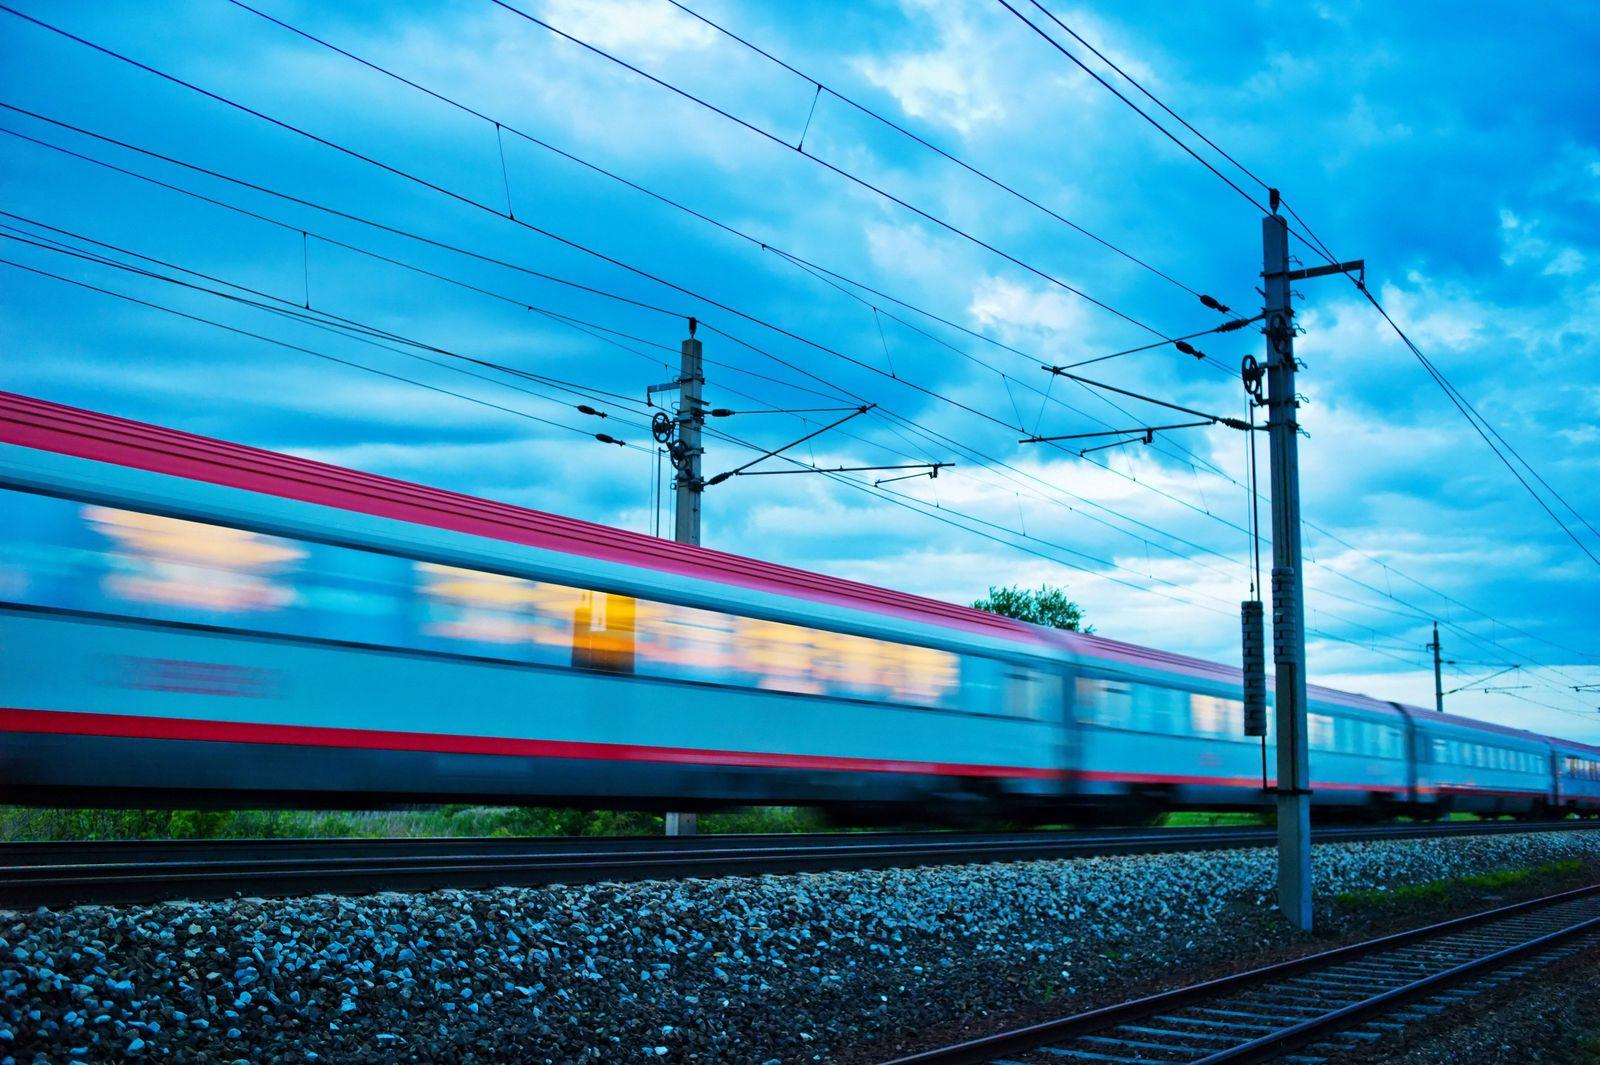 Zug in der Nacht Nachtzug der ÖBB BLWX018390 Copyright xblickwinkel McPhotox ErwinxWodickax